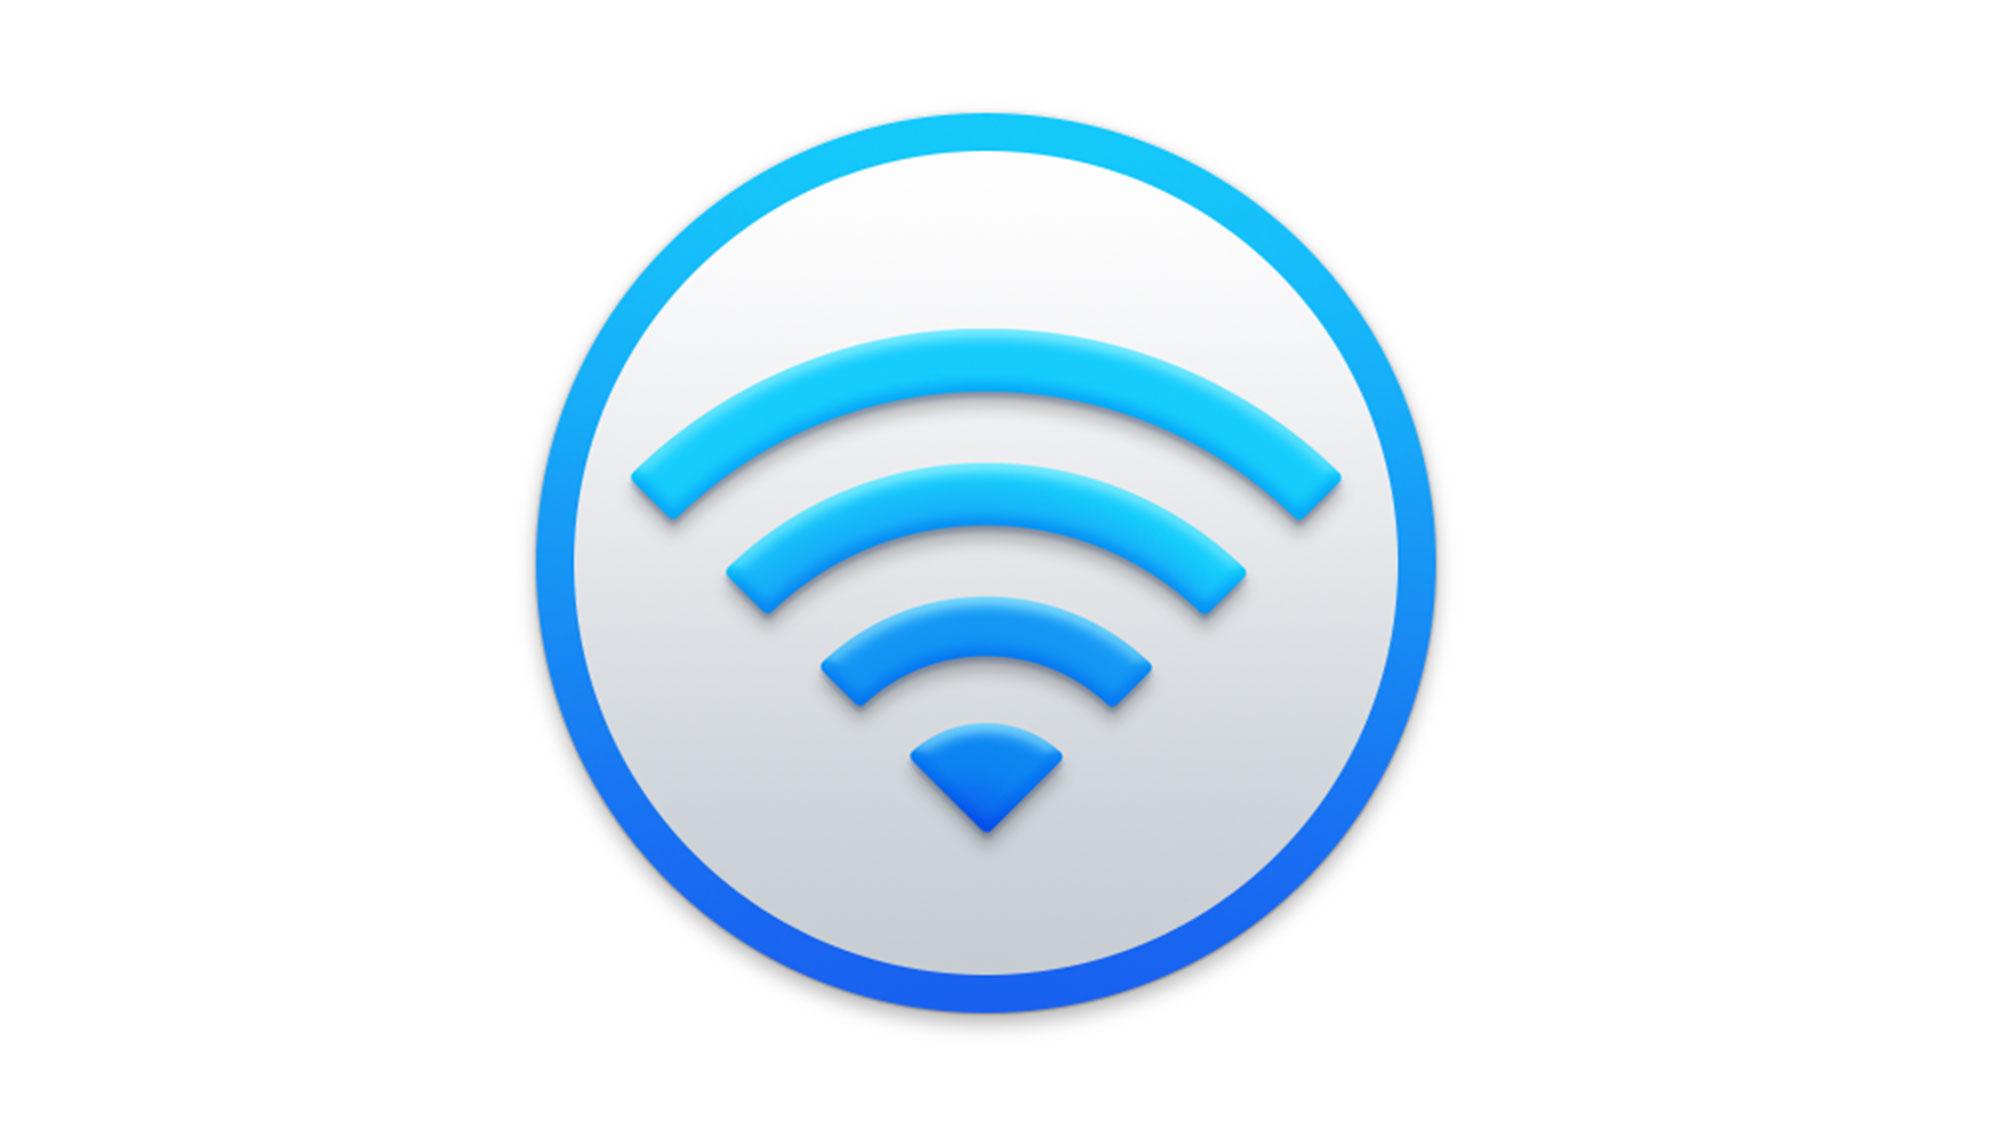 虽然 AirPort 路由器已停产多时,苹果仍继续为其更新安全固件